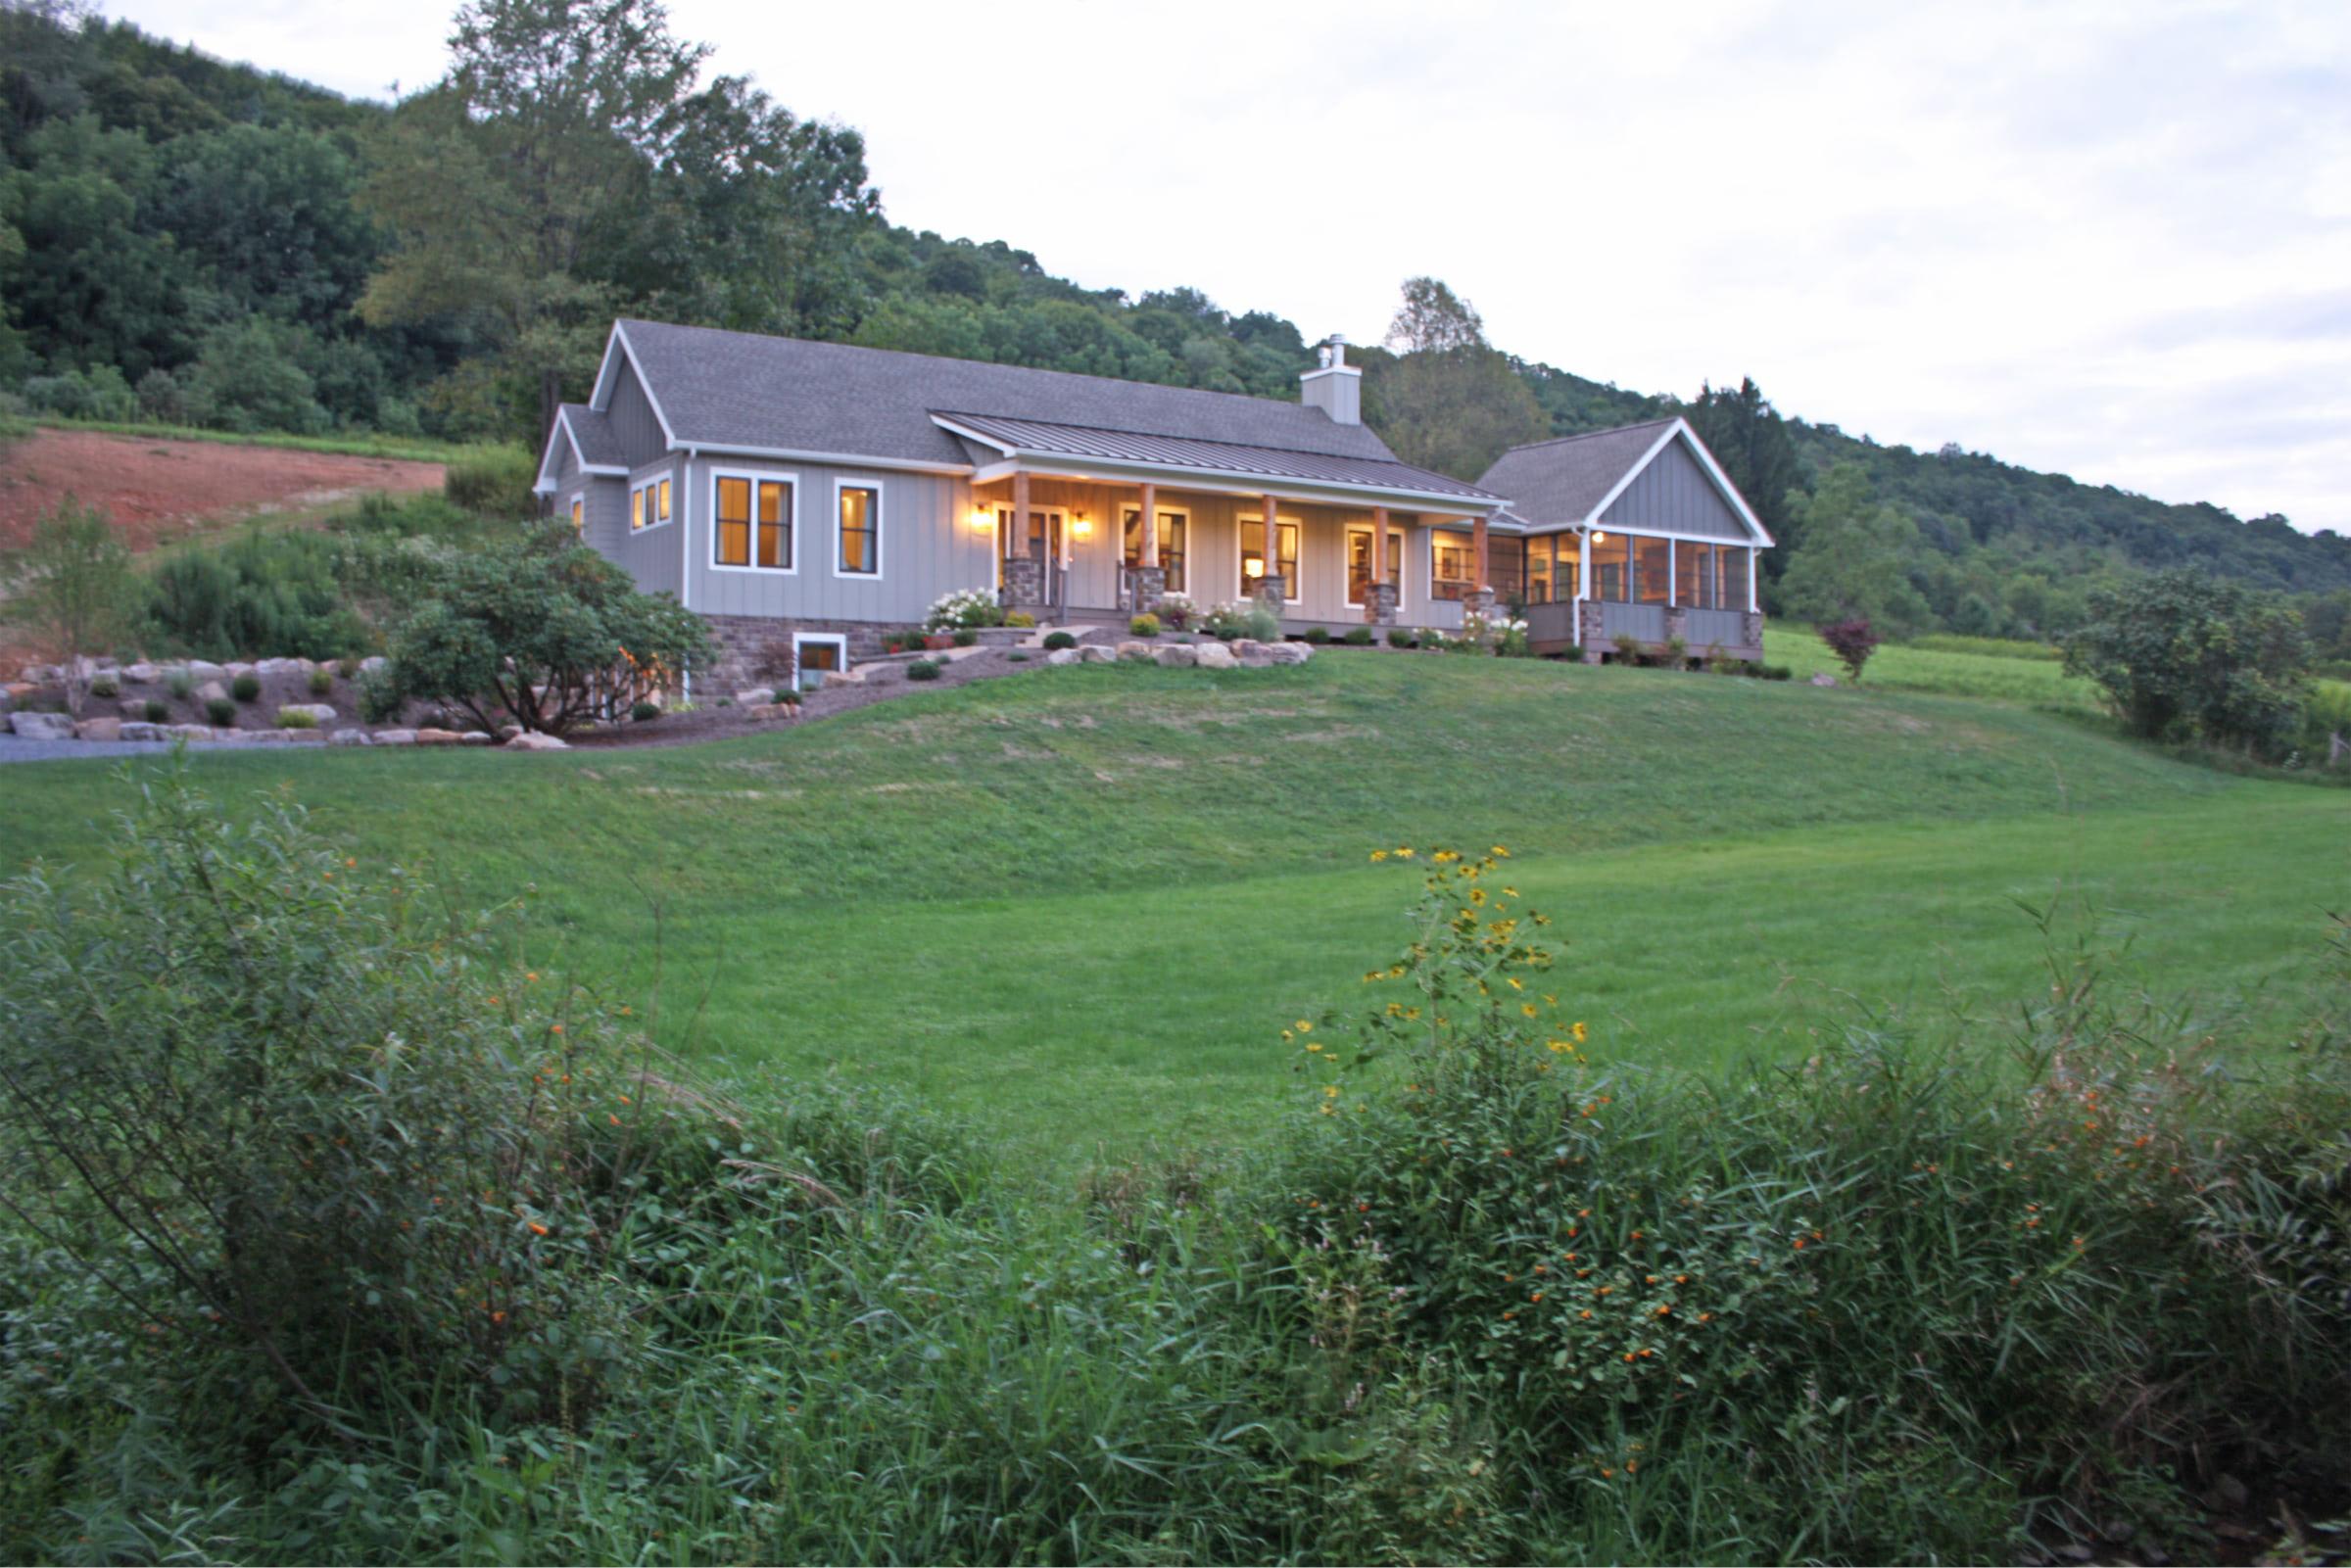 Upper 15 exterior shot of the full house